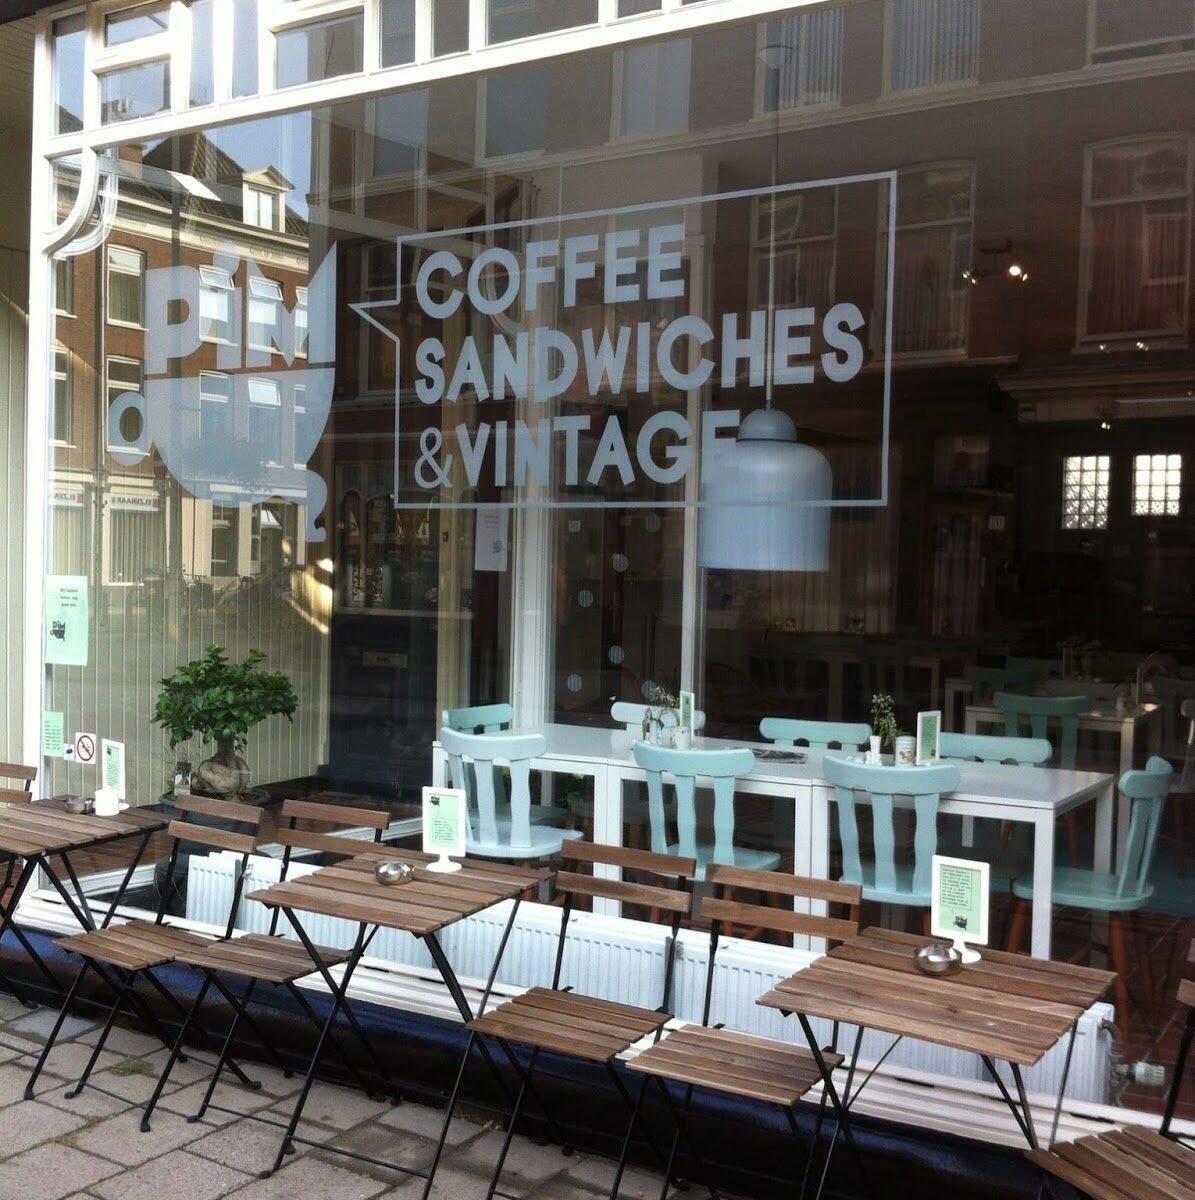 Pim Coffee Sandwiches & Vintage Den Haag